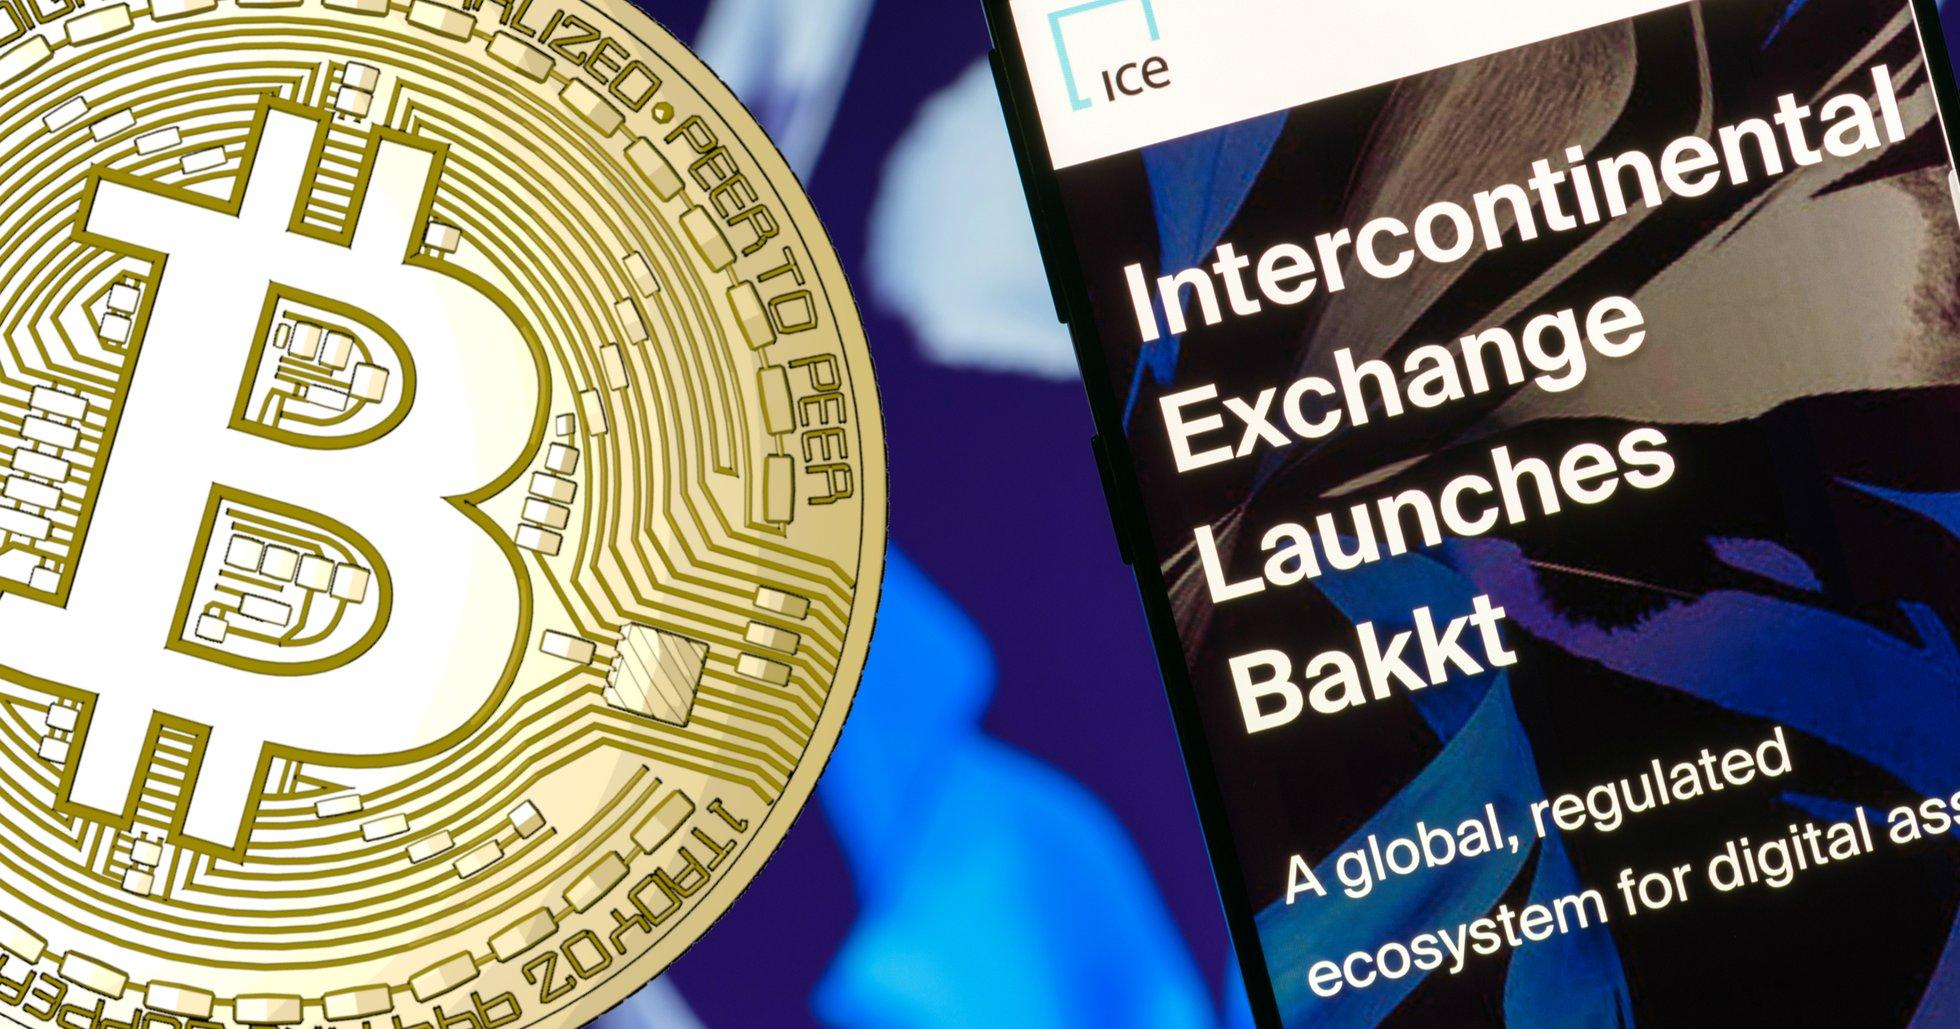 Bakkts plattform för terminskontrakt är lanserad – 26 bitcoin har handlats hittills.